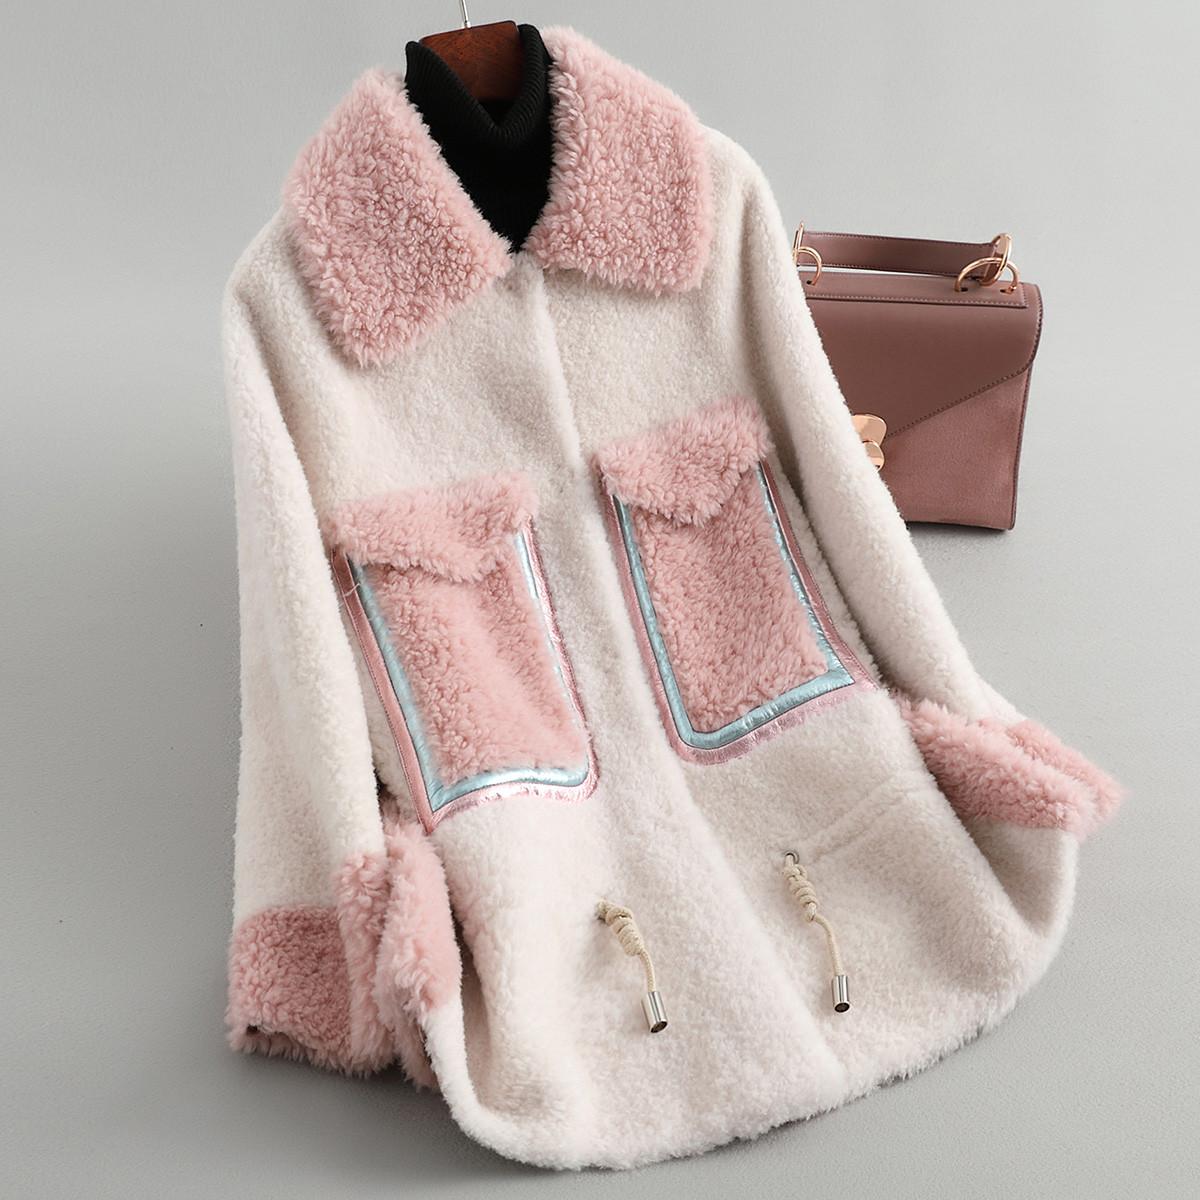 兰奥【100%羊毛】女式时尚大口袋绵羊皮拼接羊毛皮草外套TLR3163白色